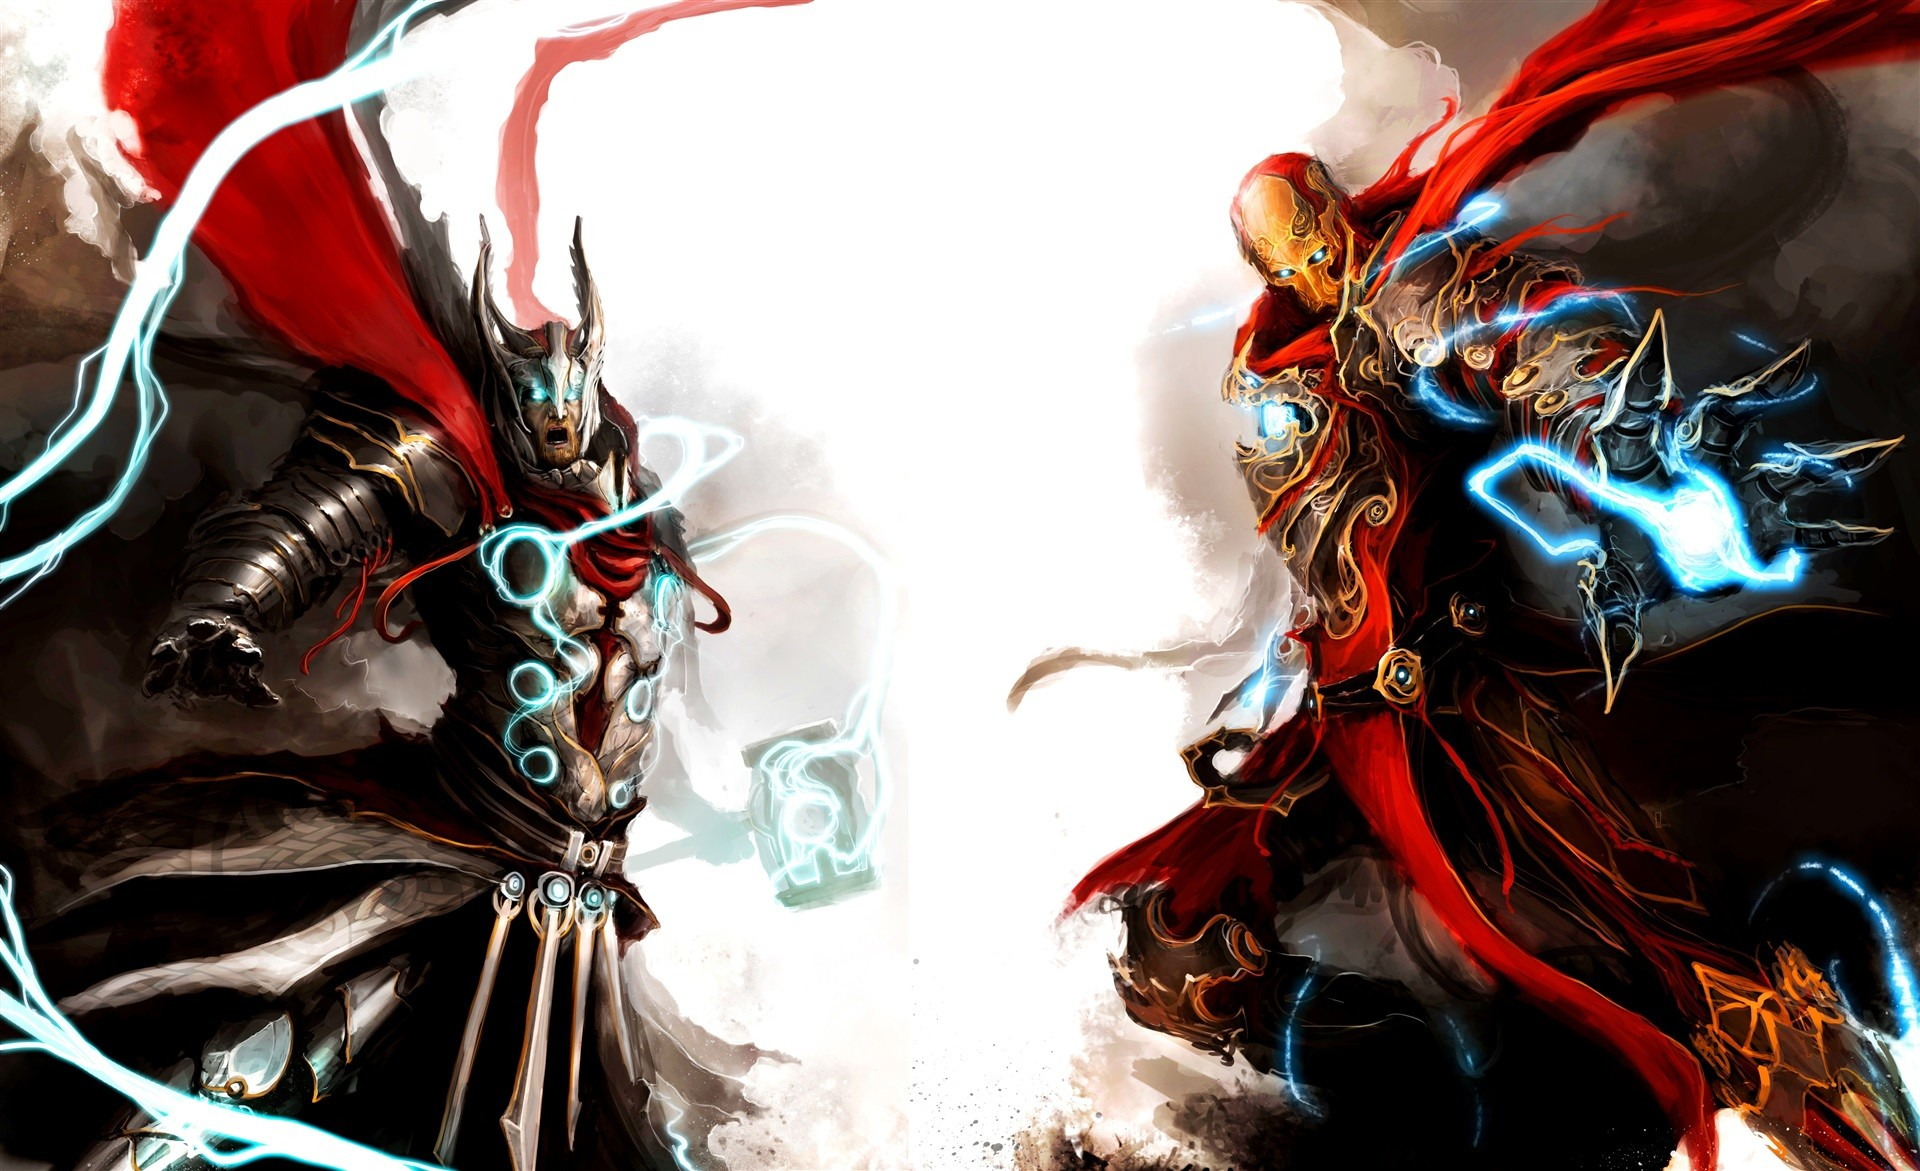 4K wallpaper – Fantasy – iron man, marvel, Avengers, Thor, torus .